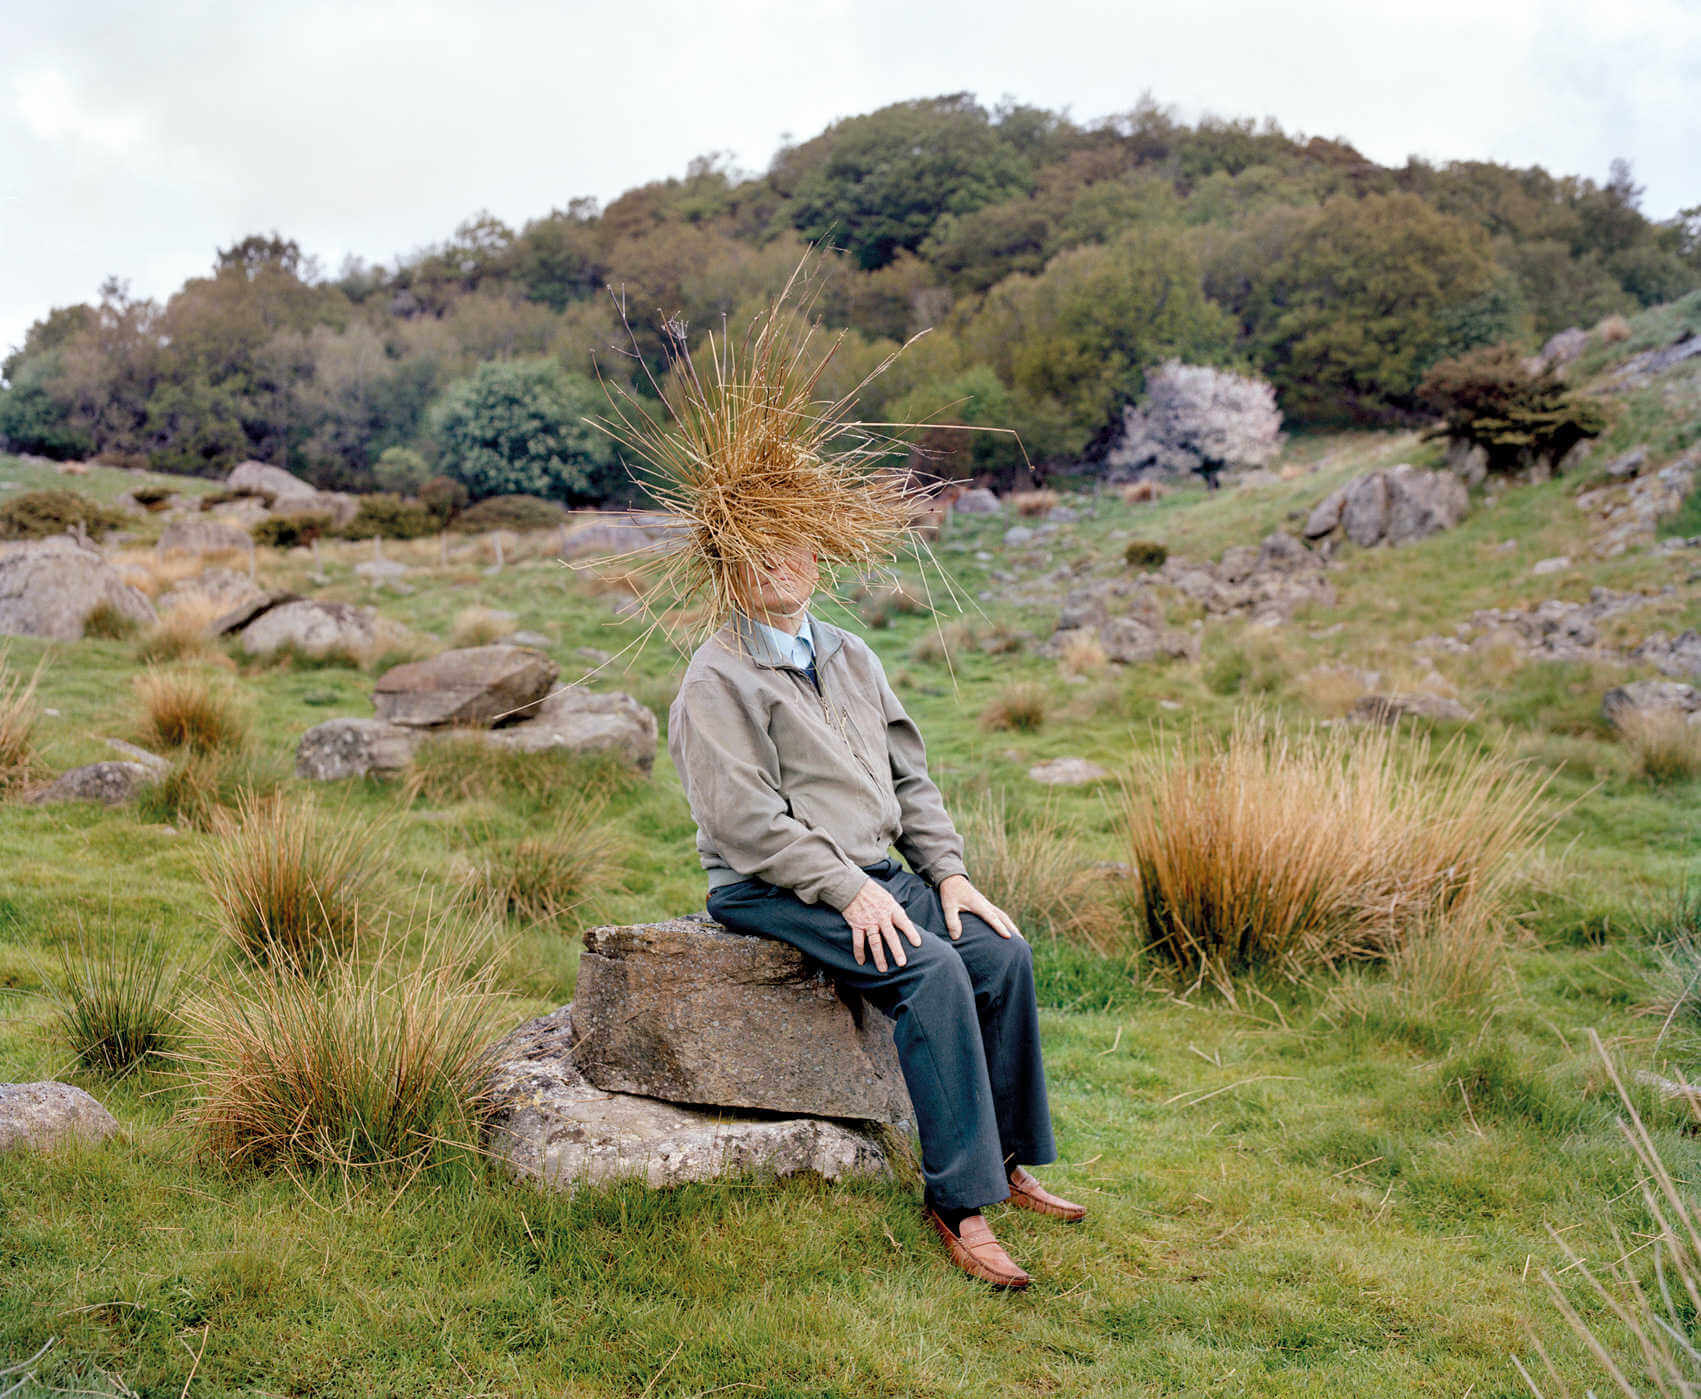 hombre sentado en una roca simulando una escultura humana